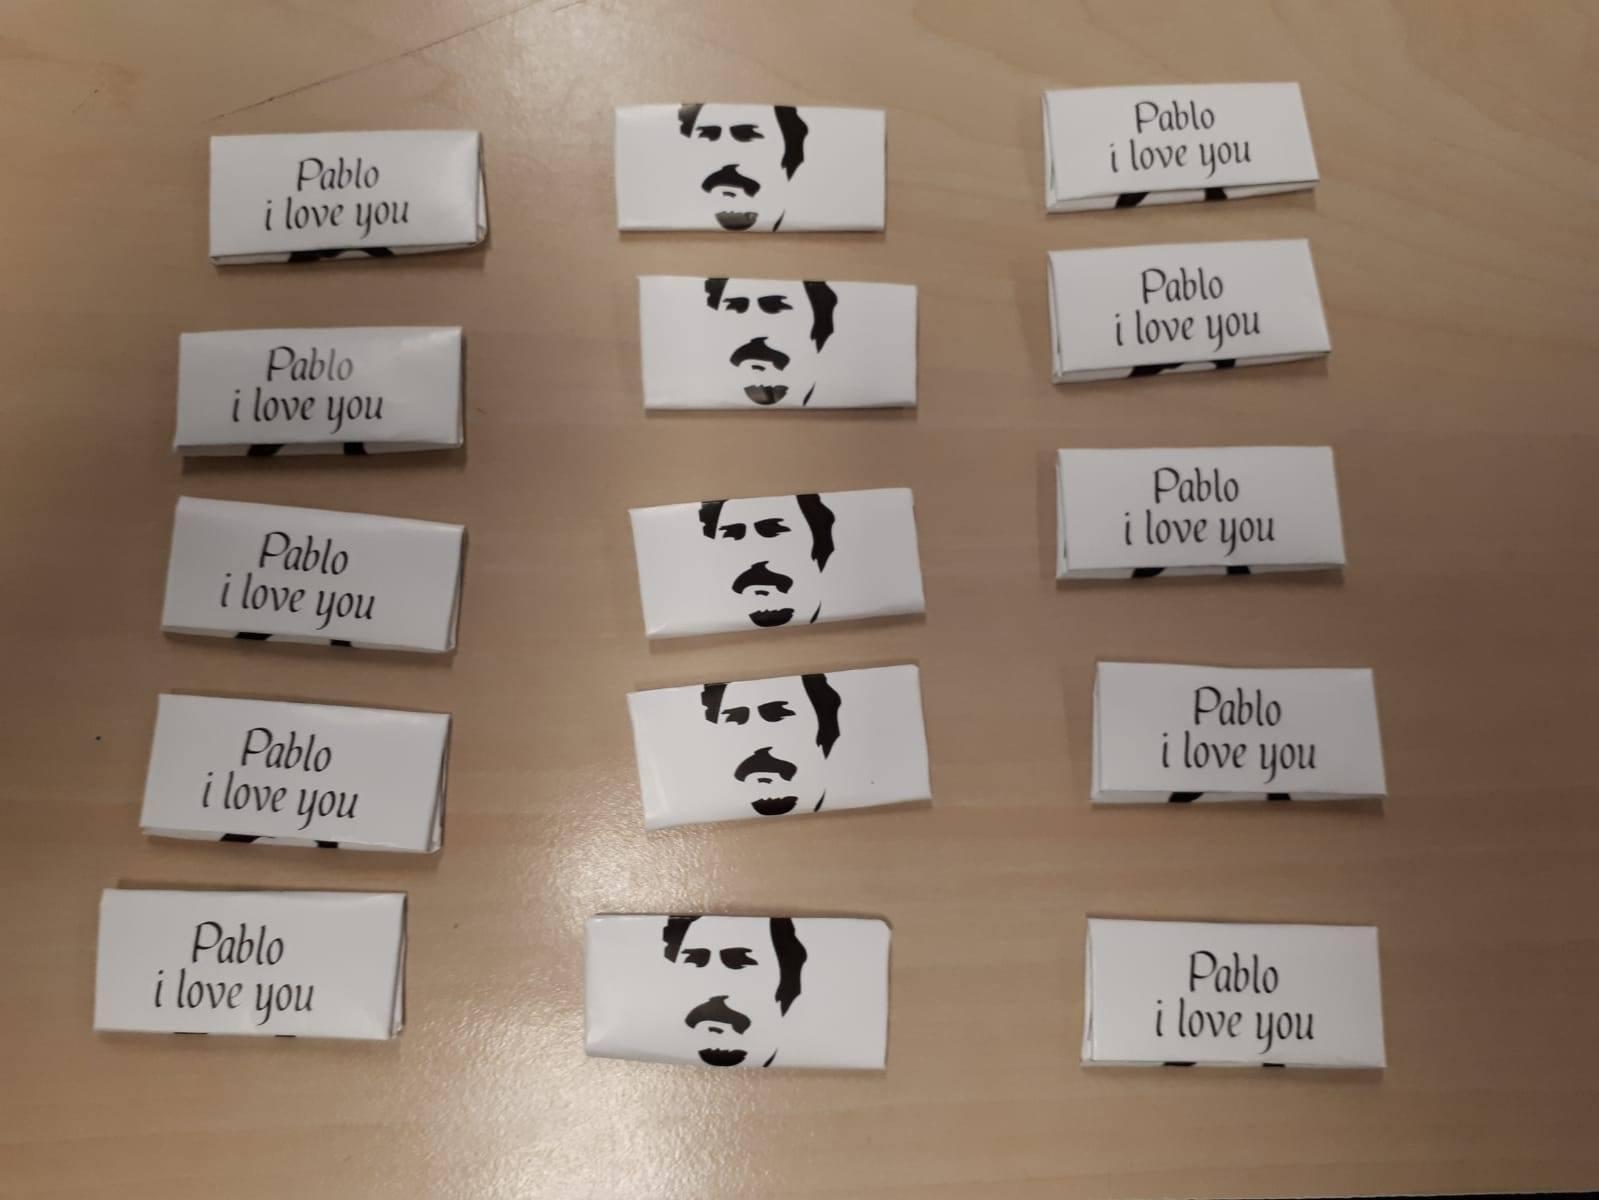 Zaandammer (30) gepakt met vijftien pakjes cocaïne in zijn onderbroek, met portretten van Pablo Escobar